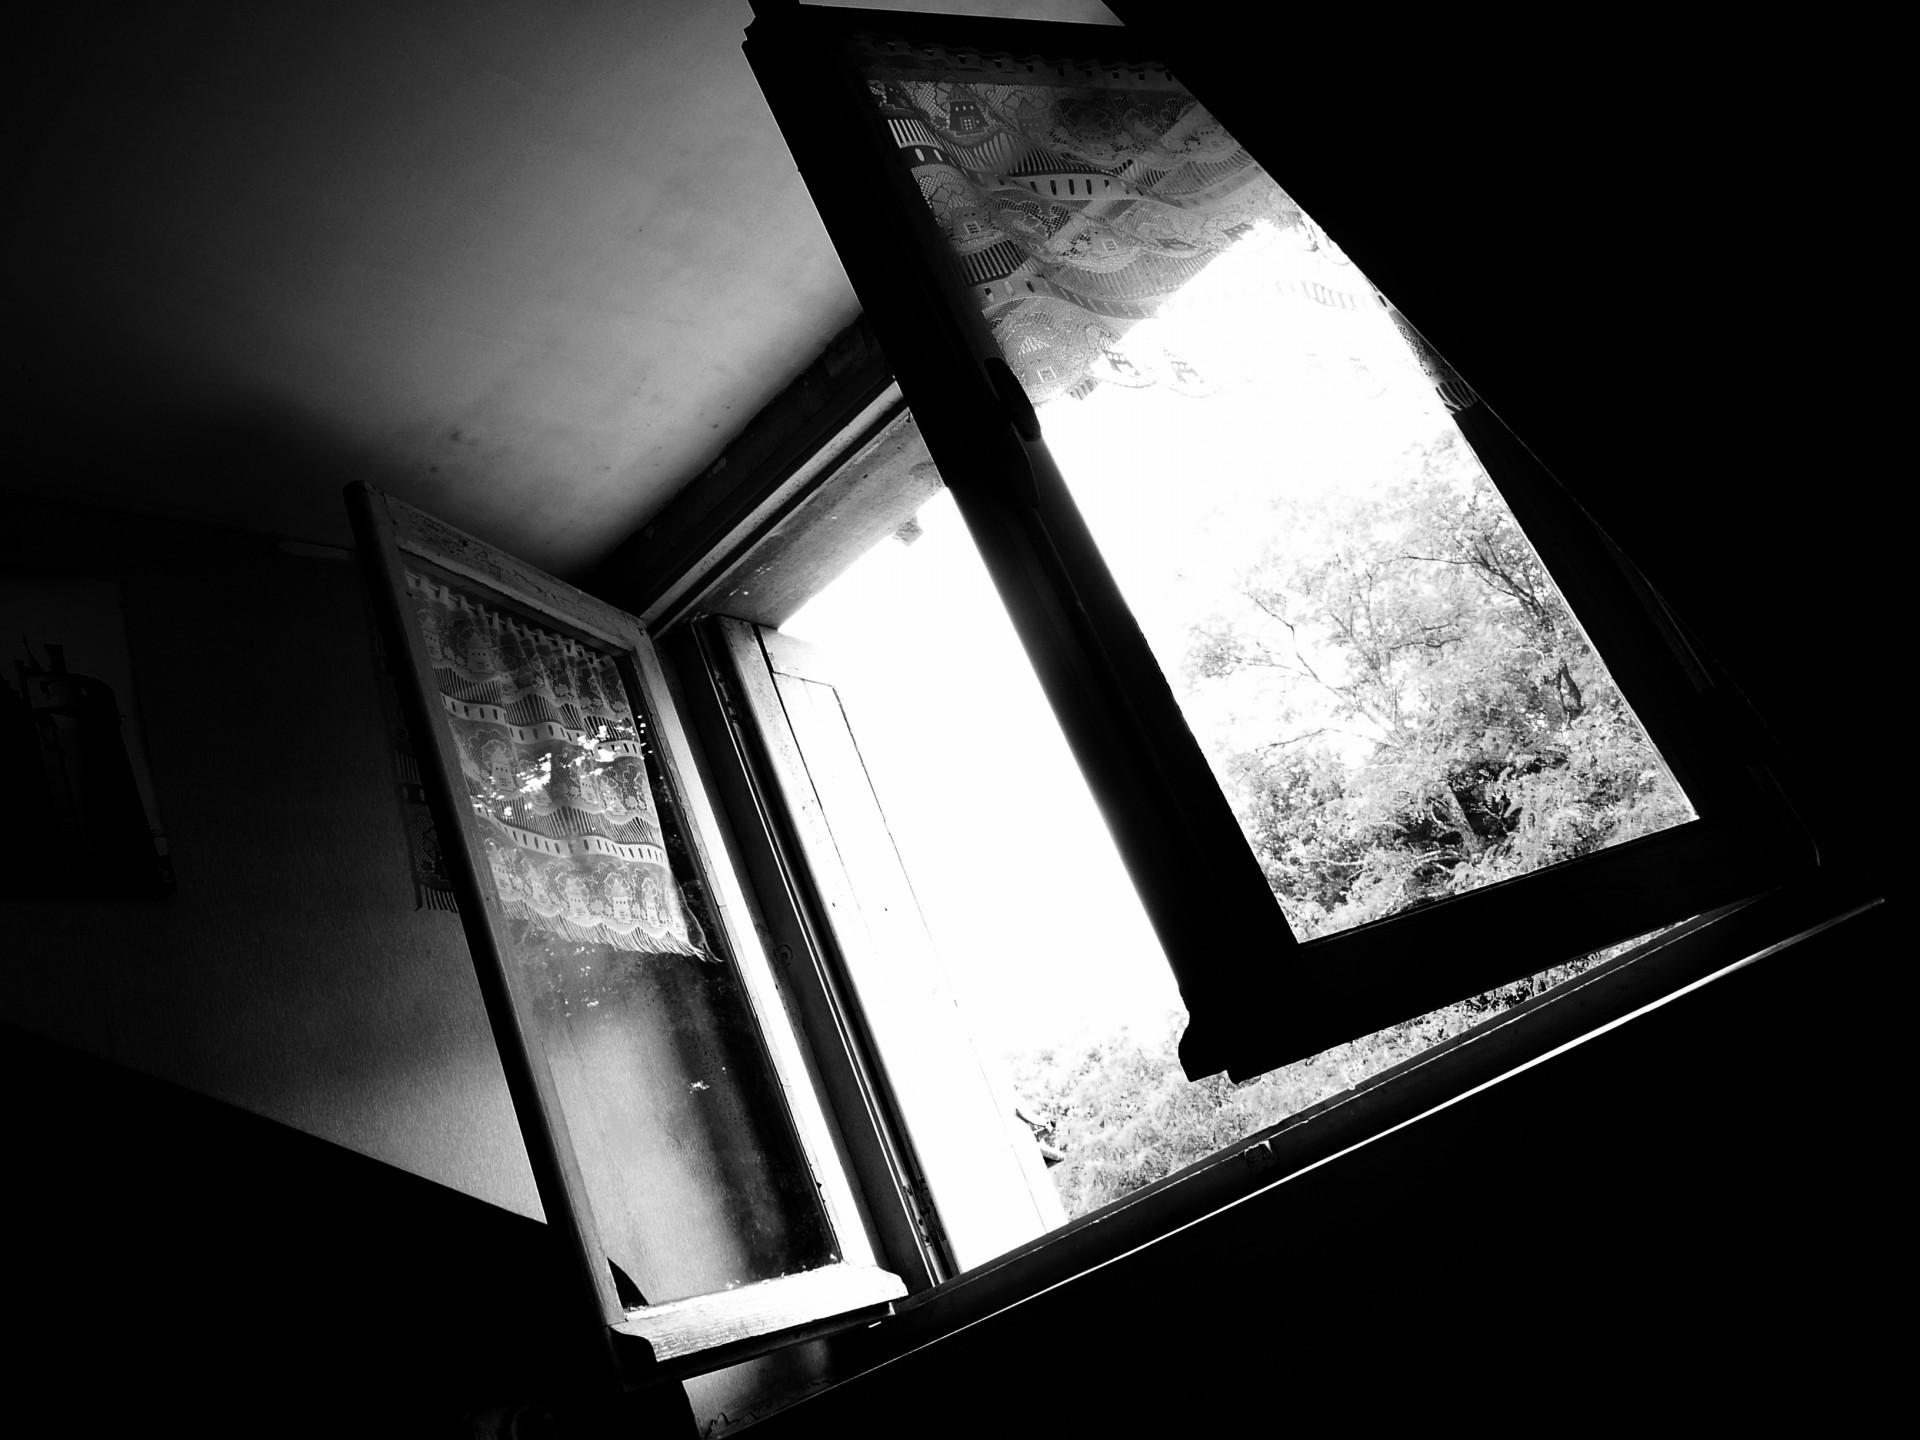 ВЯкутии женщина выкинула сына приятельницы вокно, ионостался живой